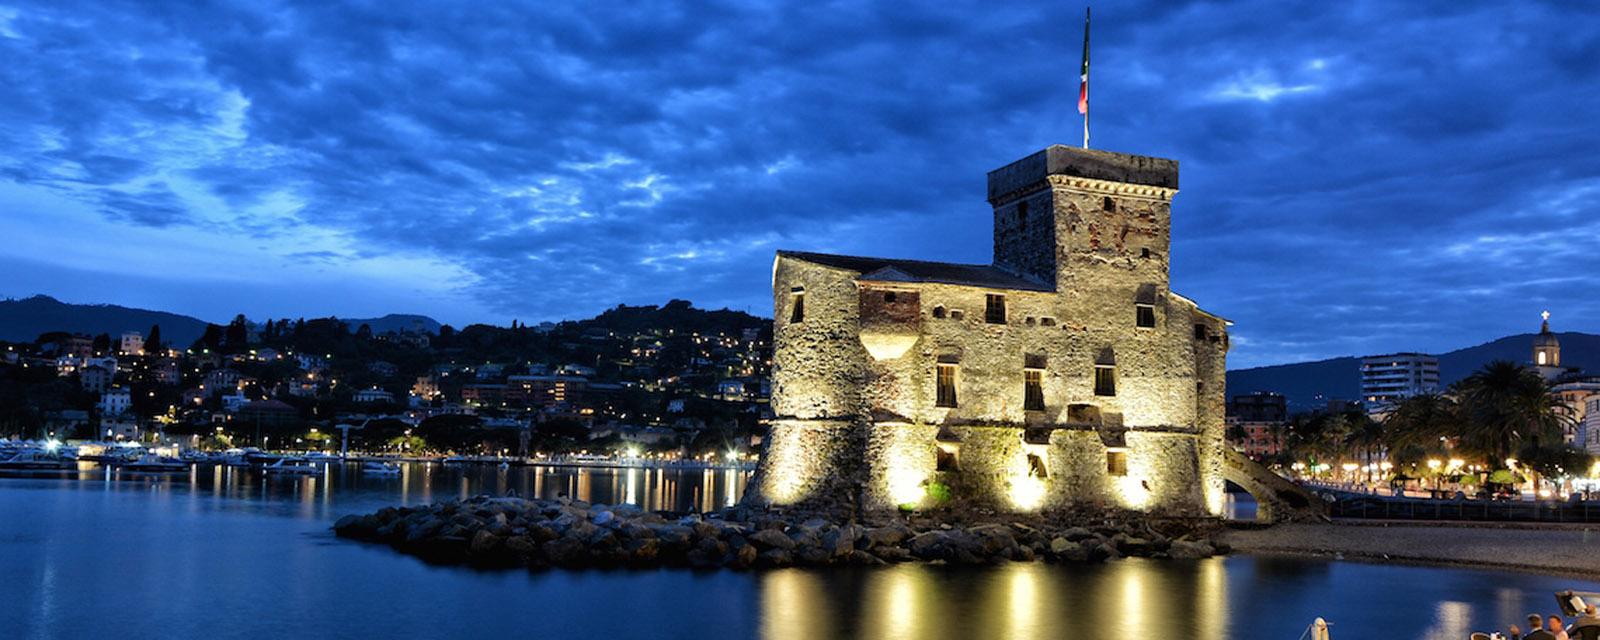 Agenzie Immobiliari A Rapallo agenzia immobiliare italia sas - rapallo - home